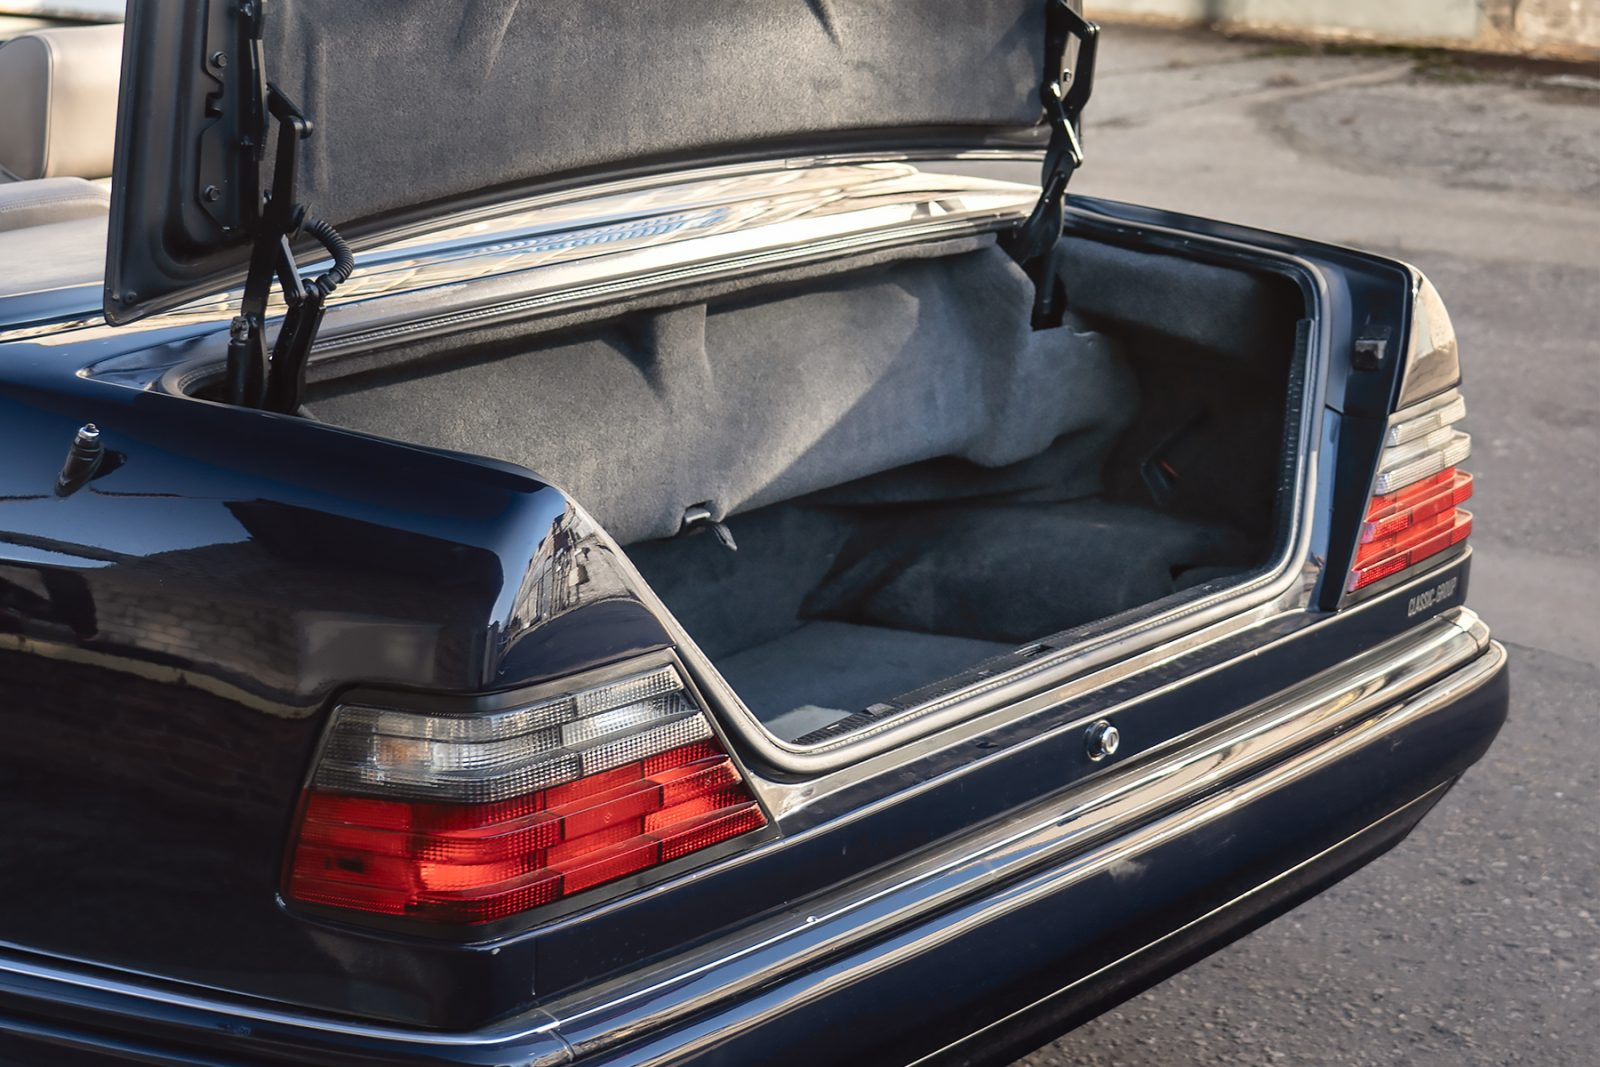 hight resolution of mercedes benz e320 w124 cabrio 1995 20 25 24